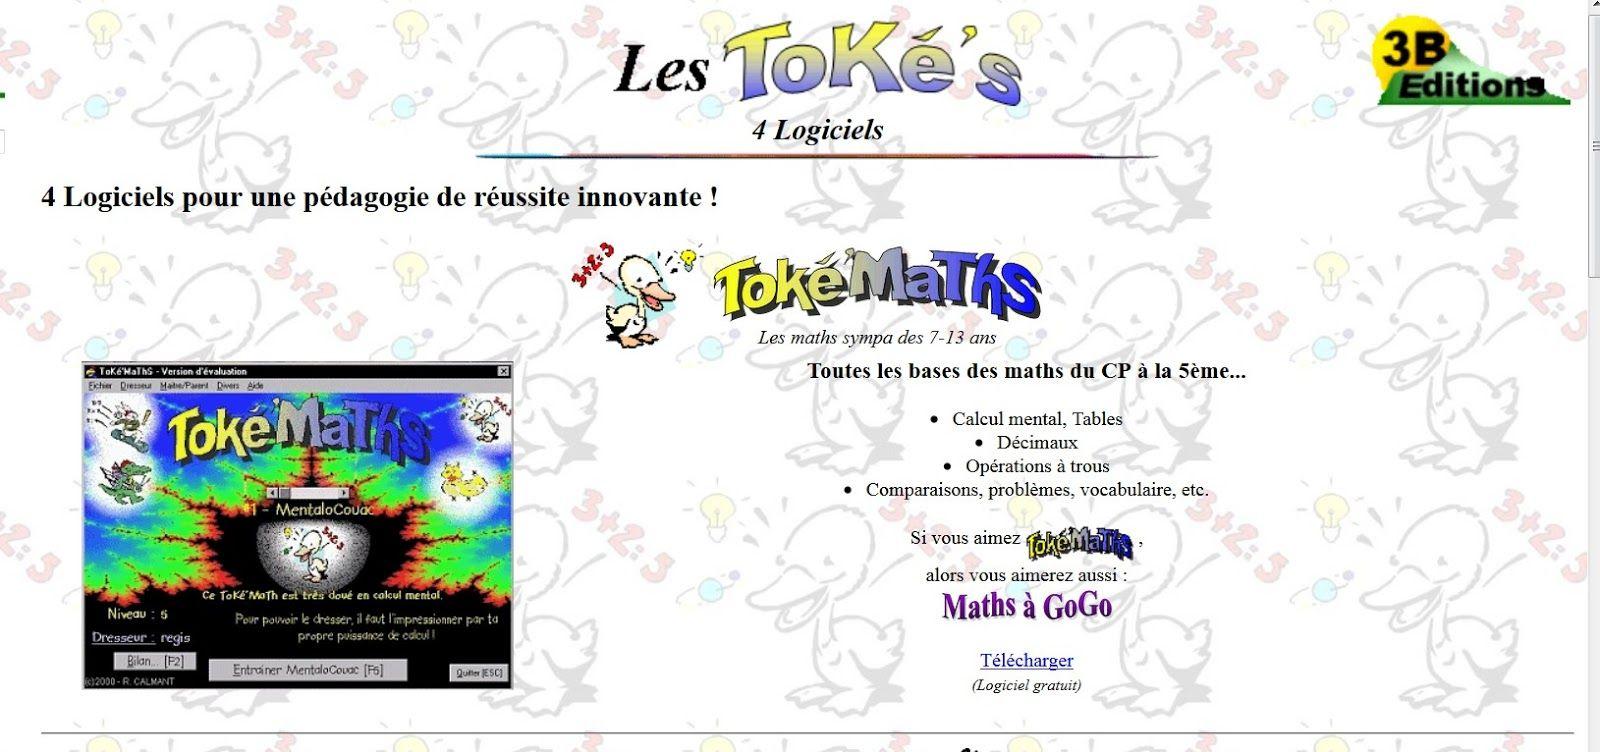 Toke'maths, C'est Un Petit Logiciel Ou Un Jeu En à Jeux De Puissance 4 Gratuit